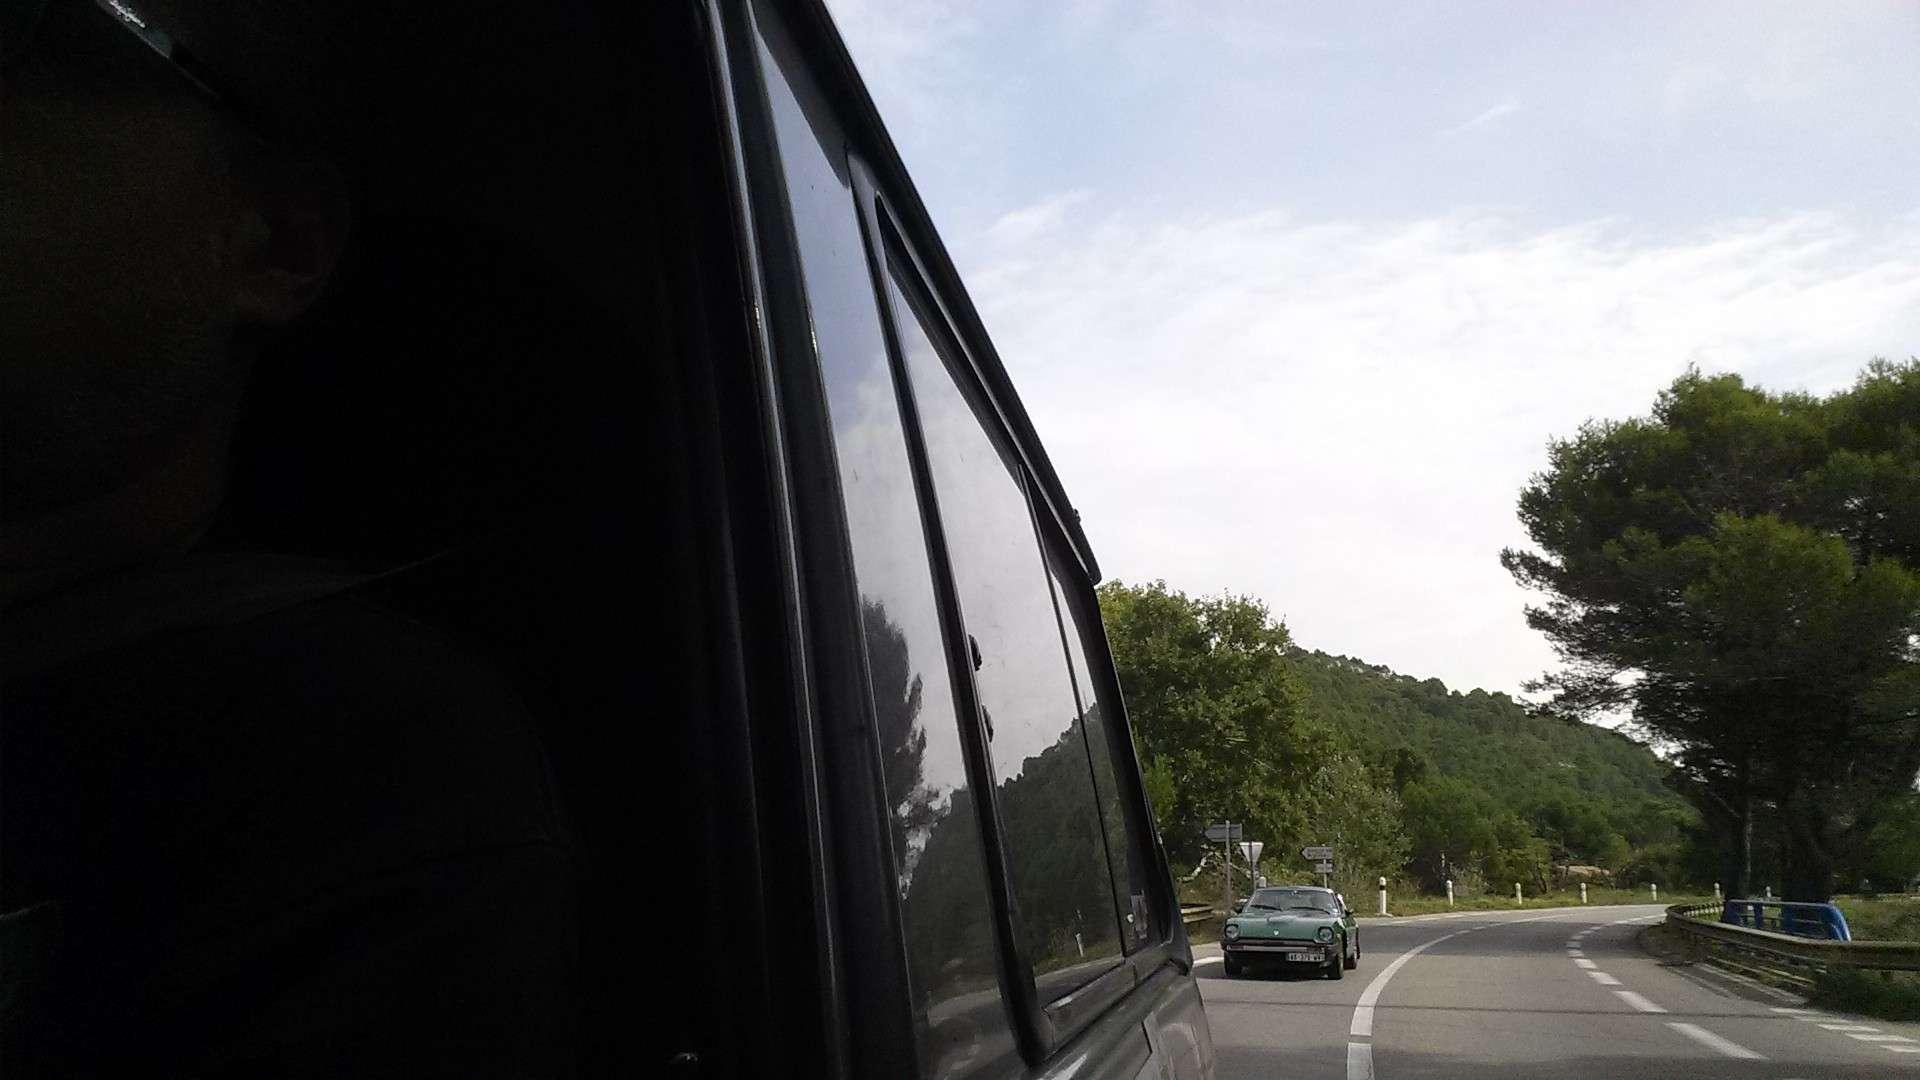 280 ZX Bretonne ! Maintenant dans le sud avec 240Z - Page 6 20141012